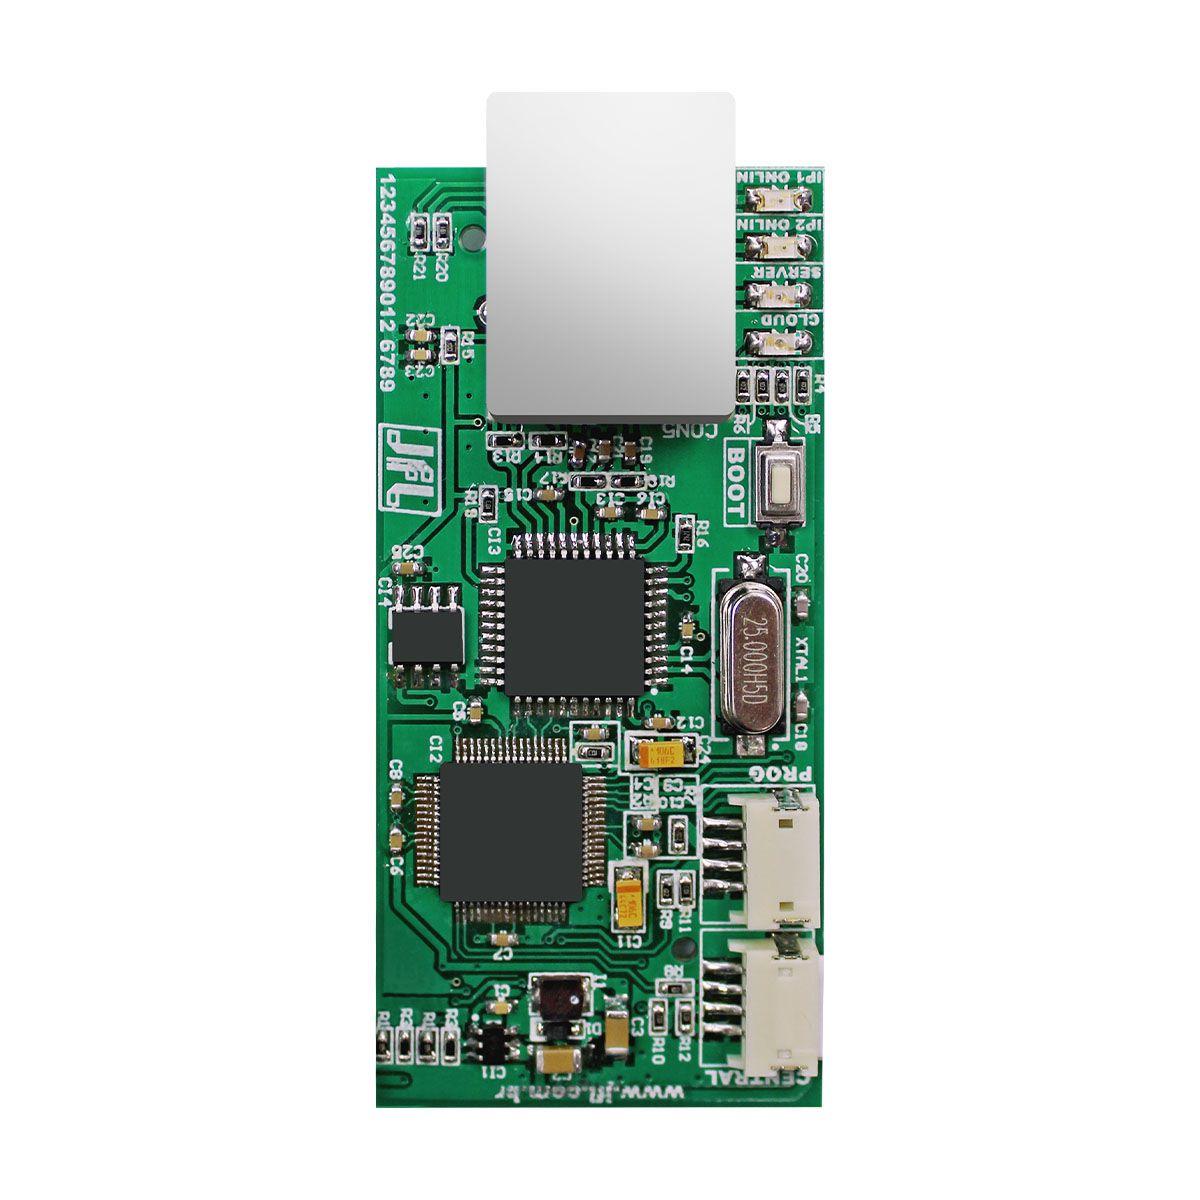 Kit Alarme SmartCloud 18 Jfl Sensor Idx 1001 e Ird 640 App Active Mobile Jfl